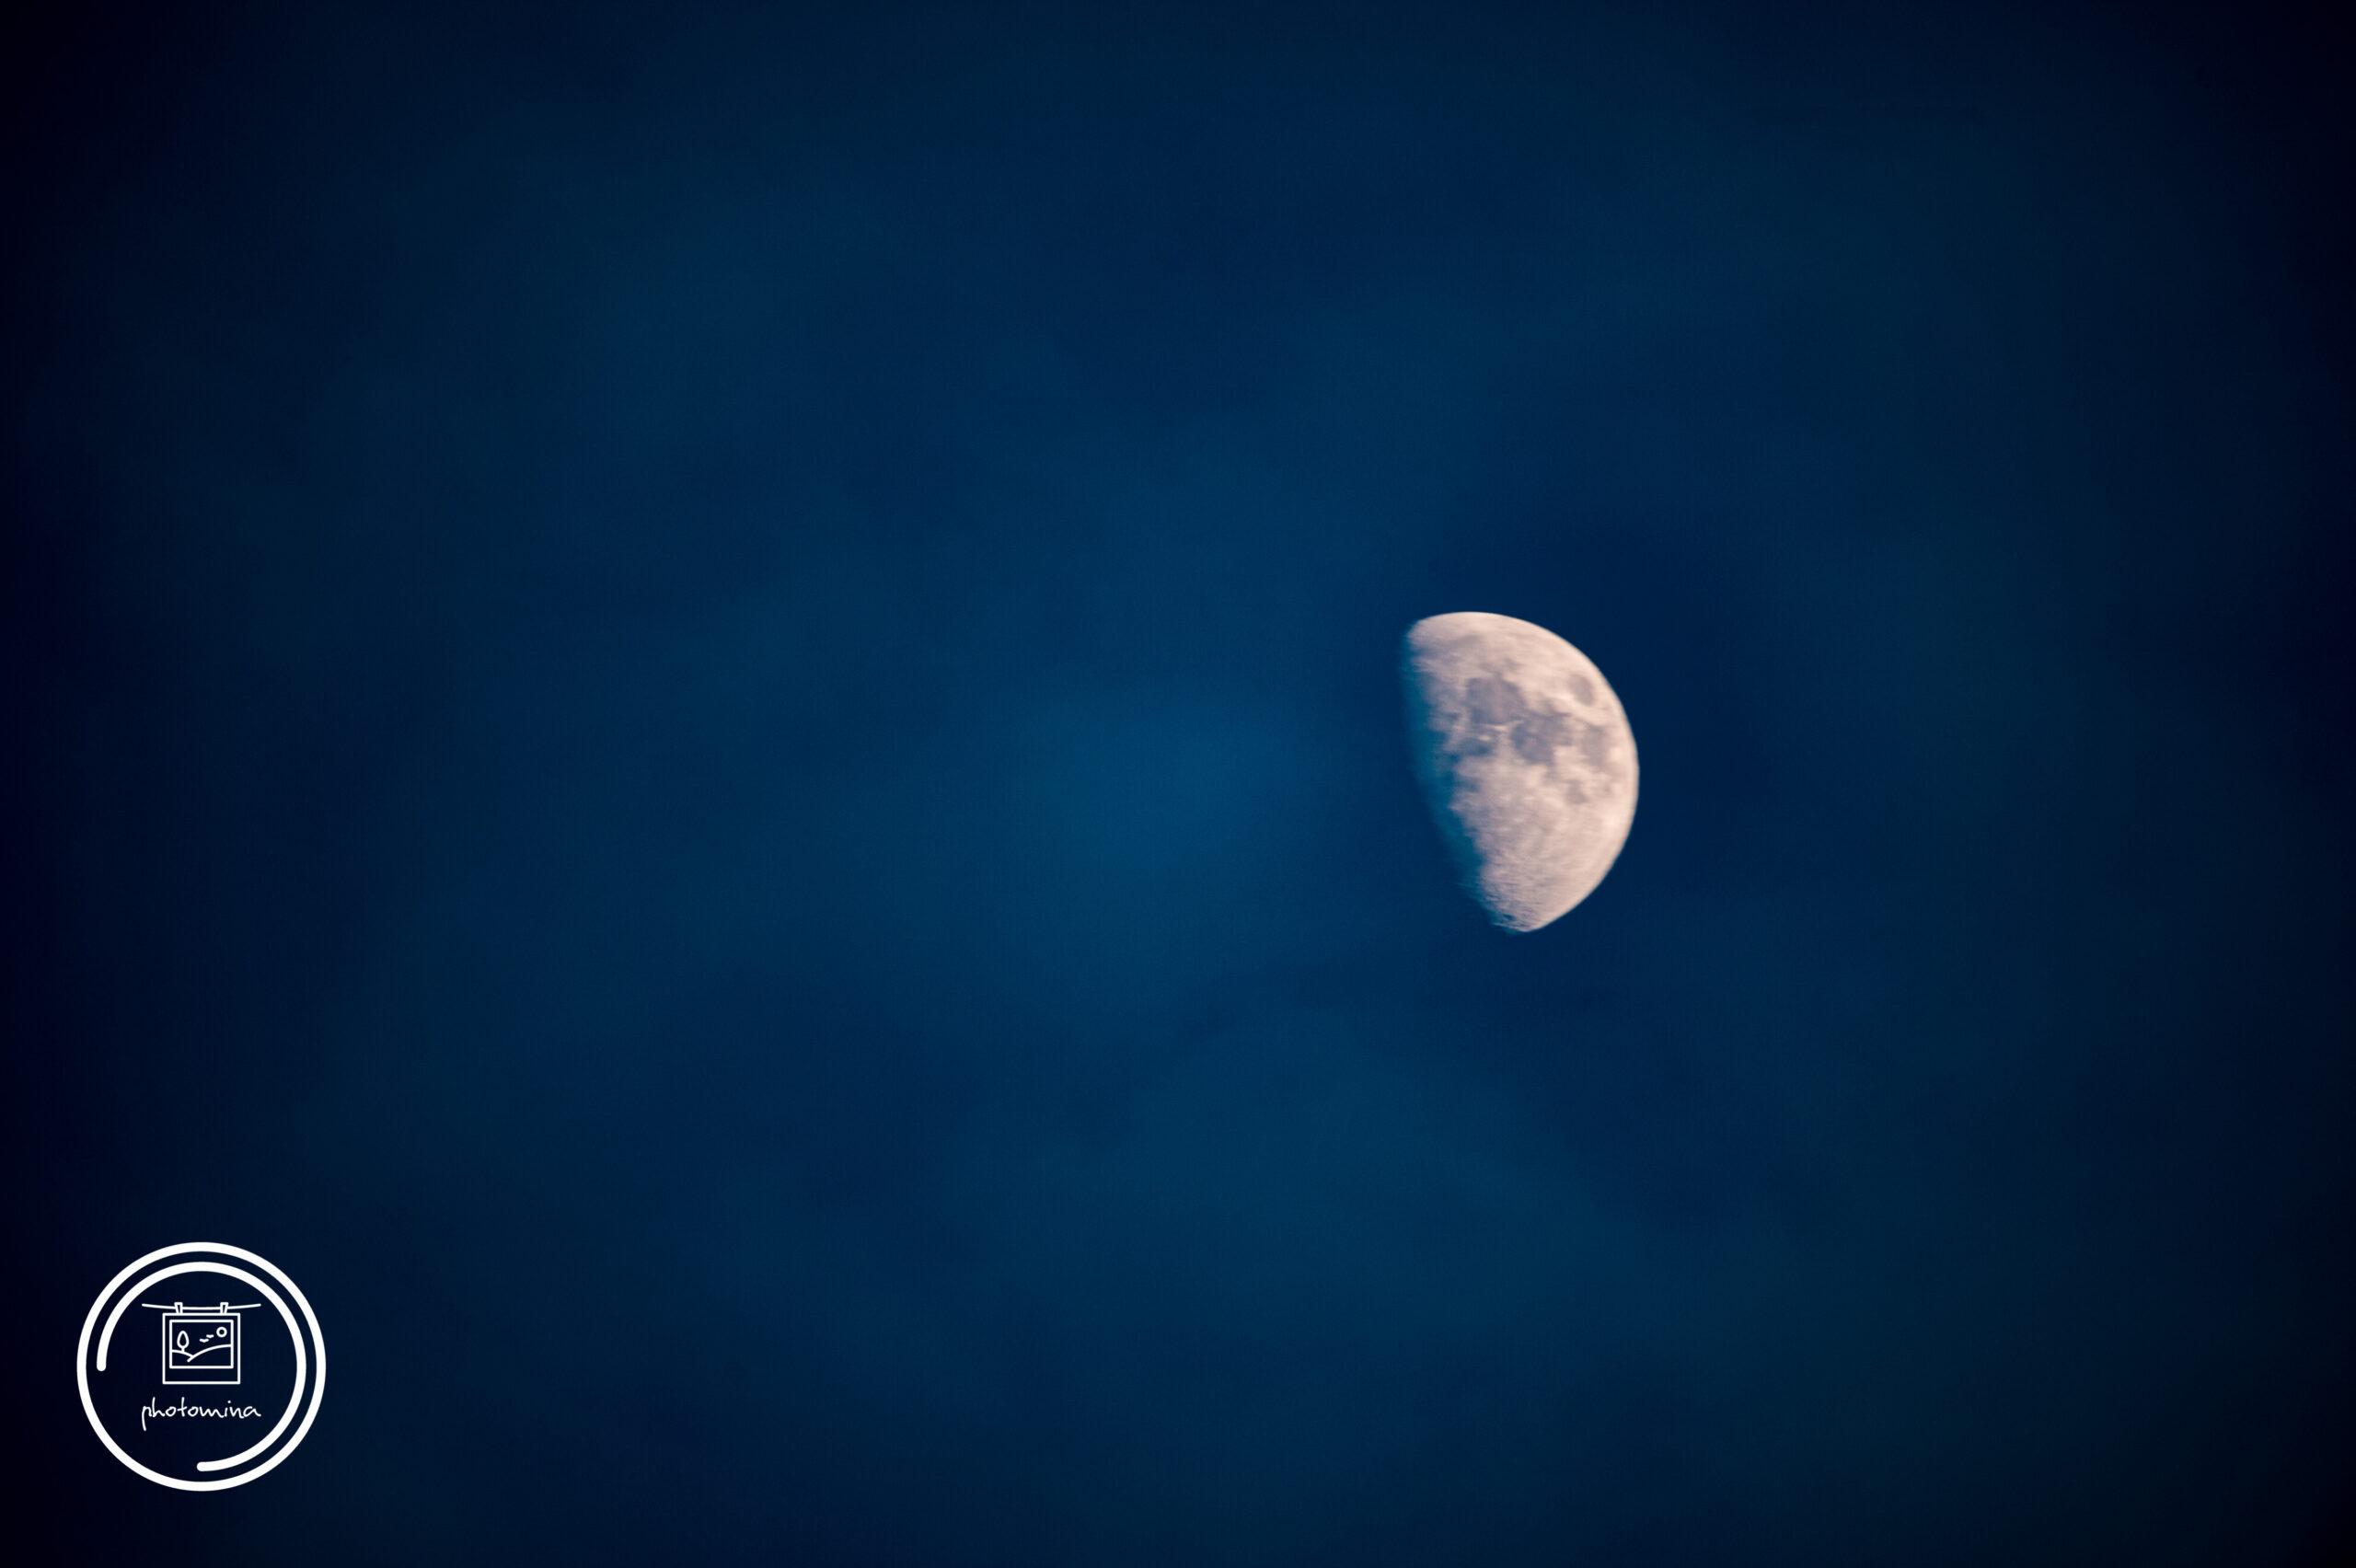 Mondkunde